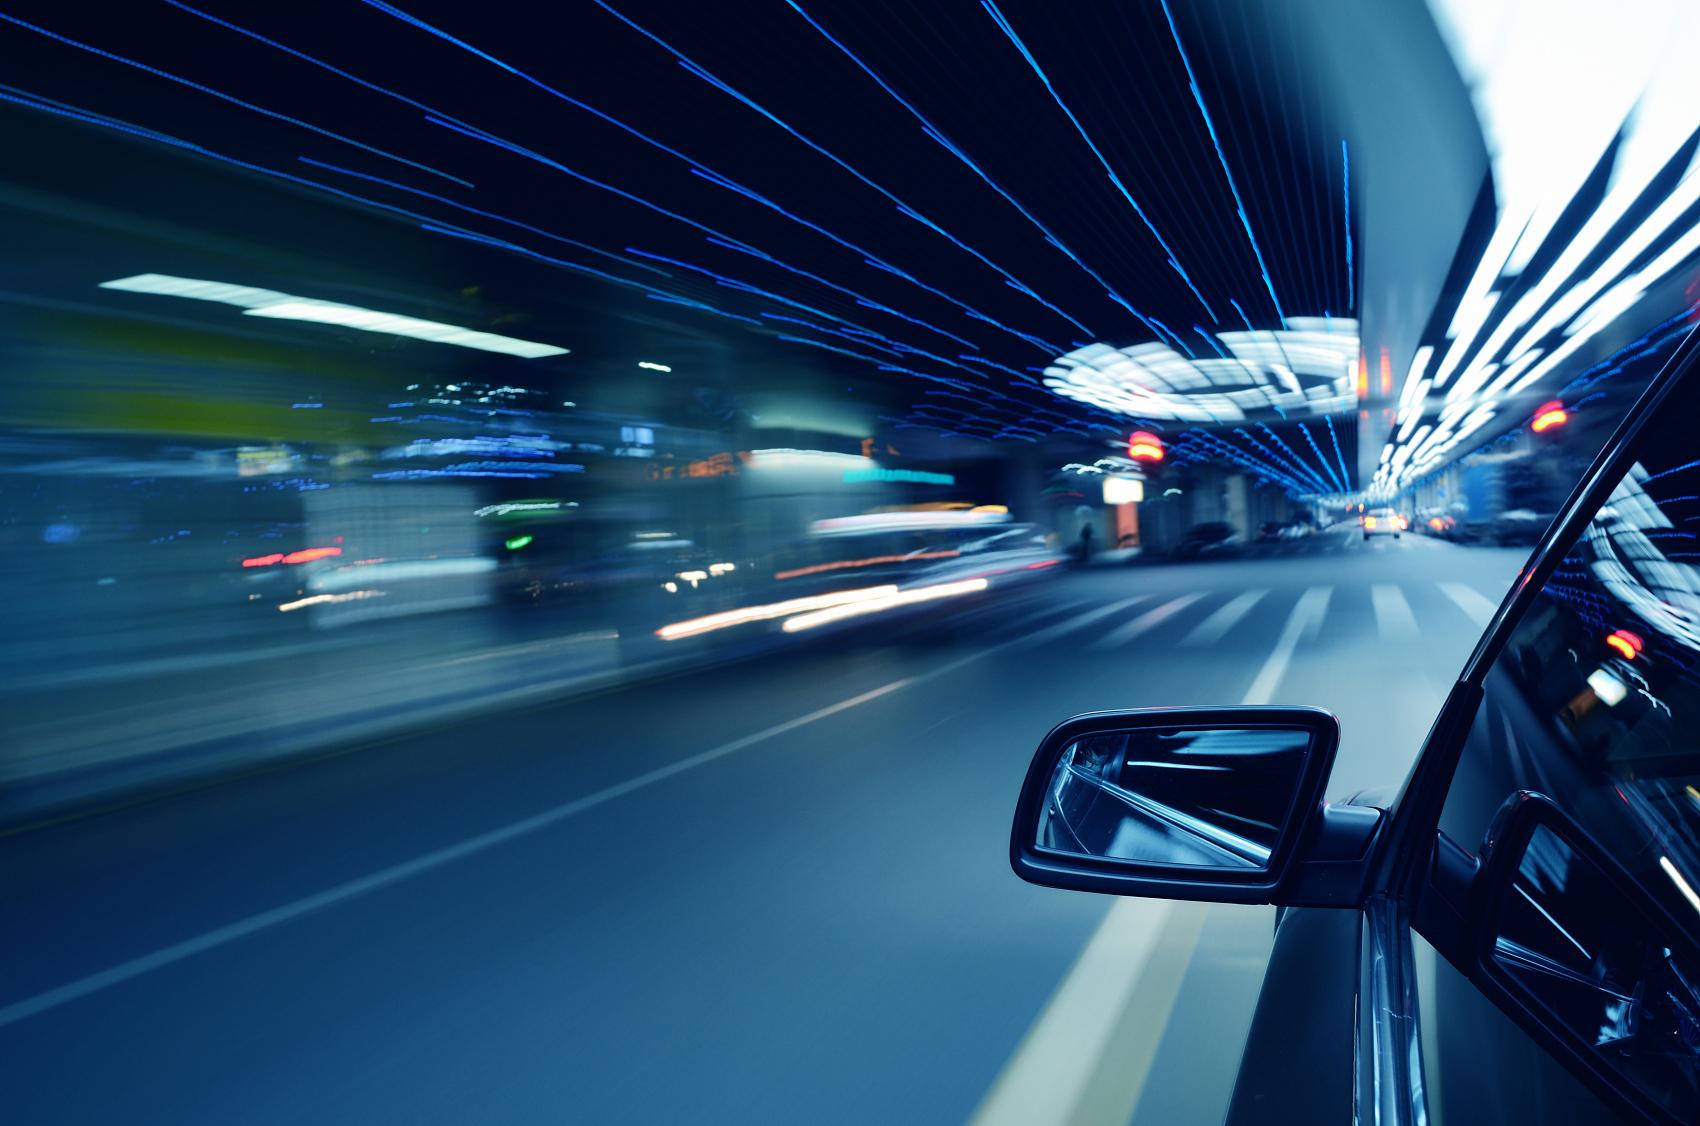 """新造车的""""卖分""""生意:特斯拉五年赚了33亿美元,蔚来也有套路"""